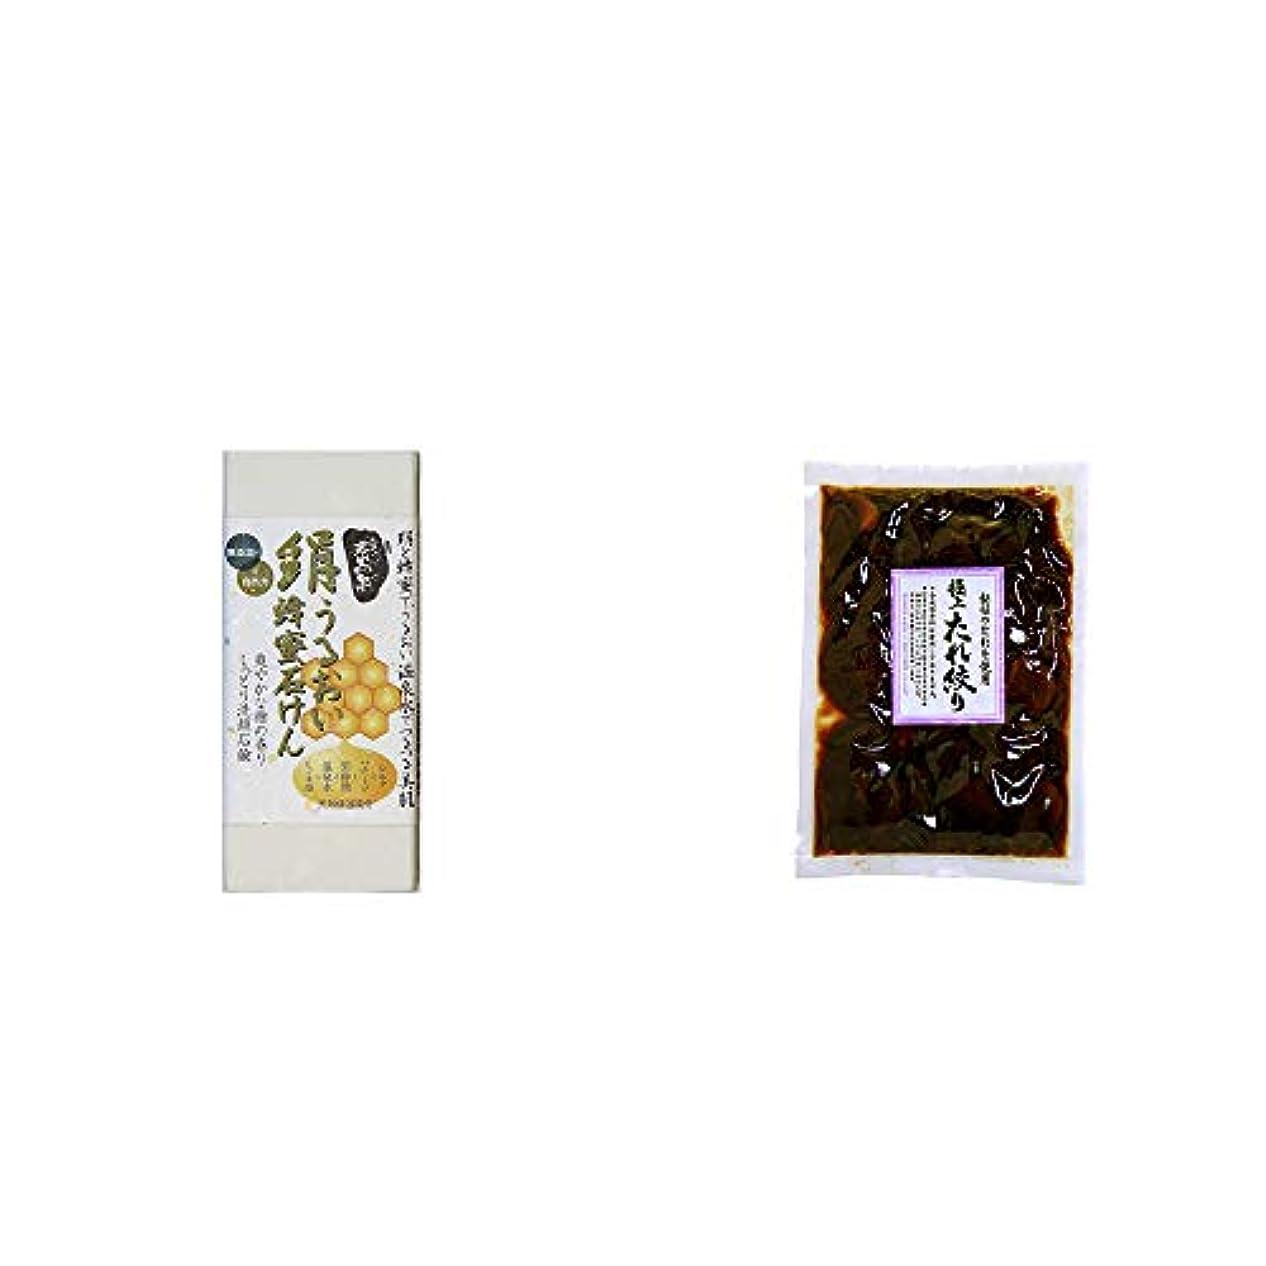 祖母枯渇差別[2点セット] ひのき炭黒泉 絹うるおい蜂蜜石けん(75g×2)?国産 極上たれ絞り(250g)